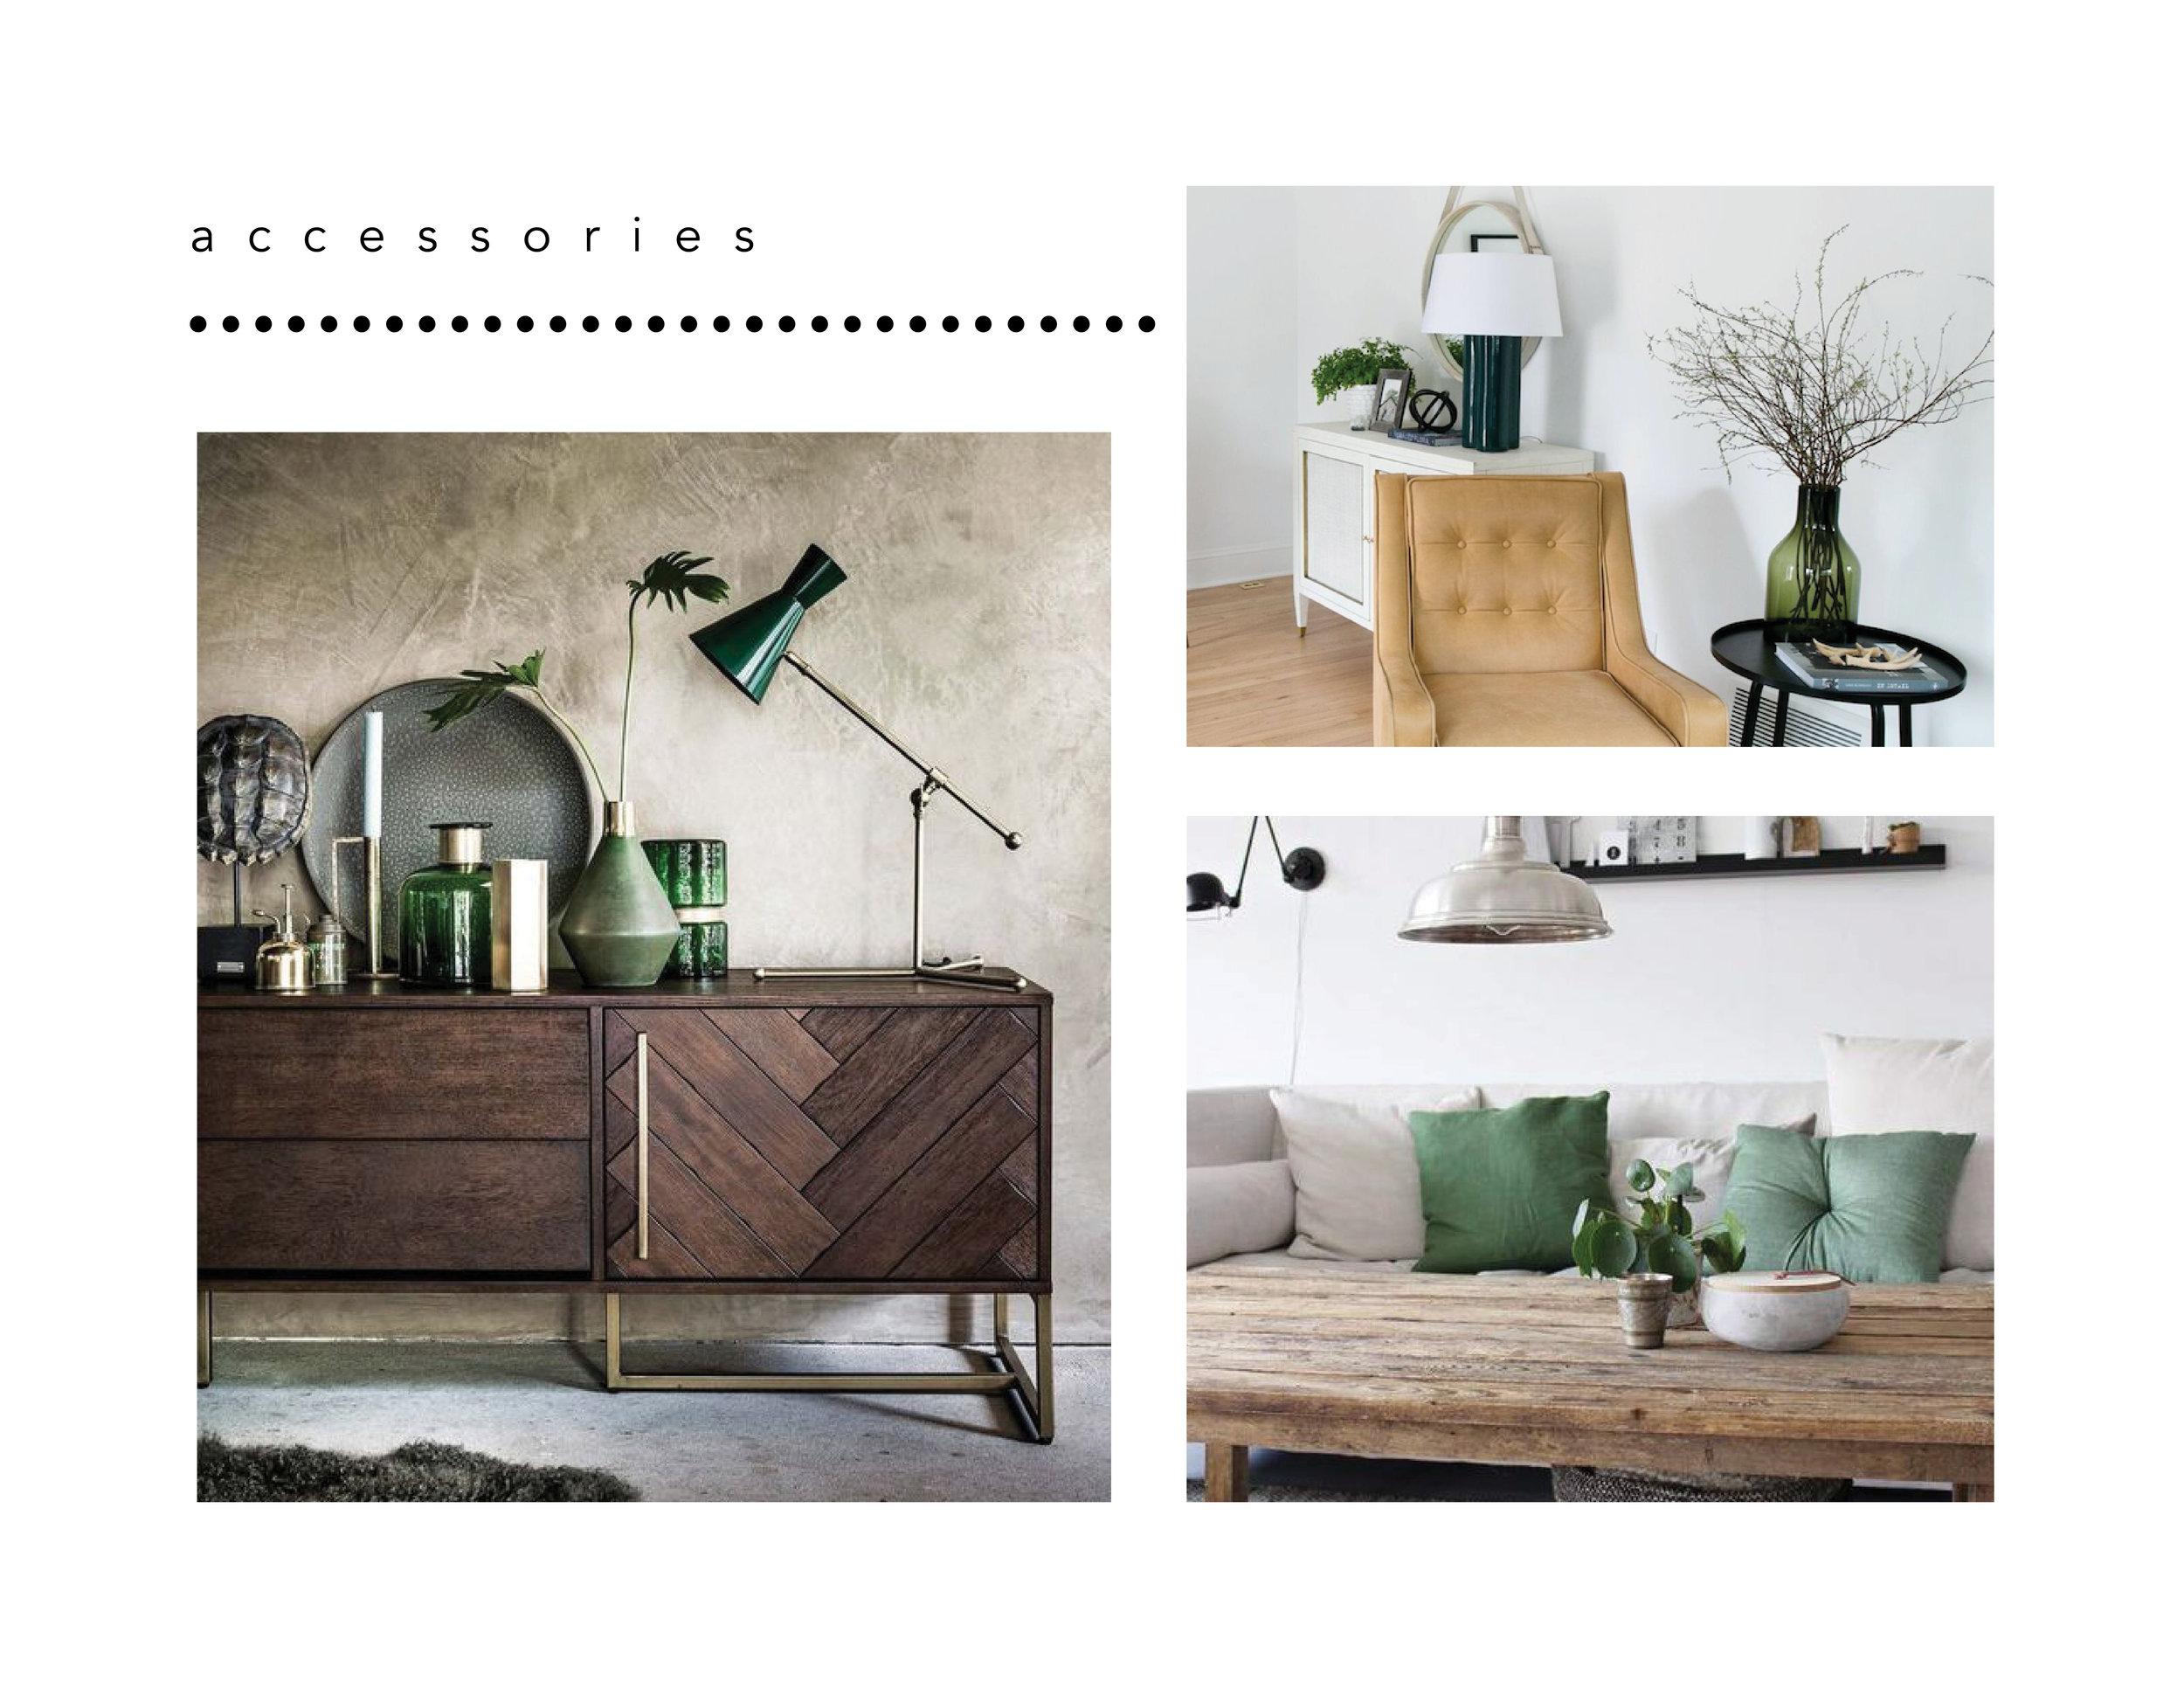 green accessoires3.jpg